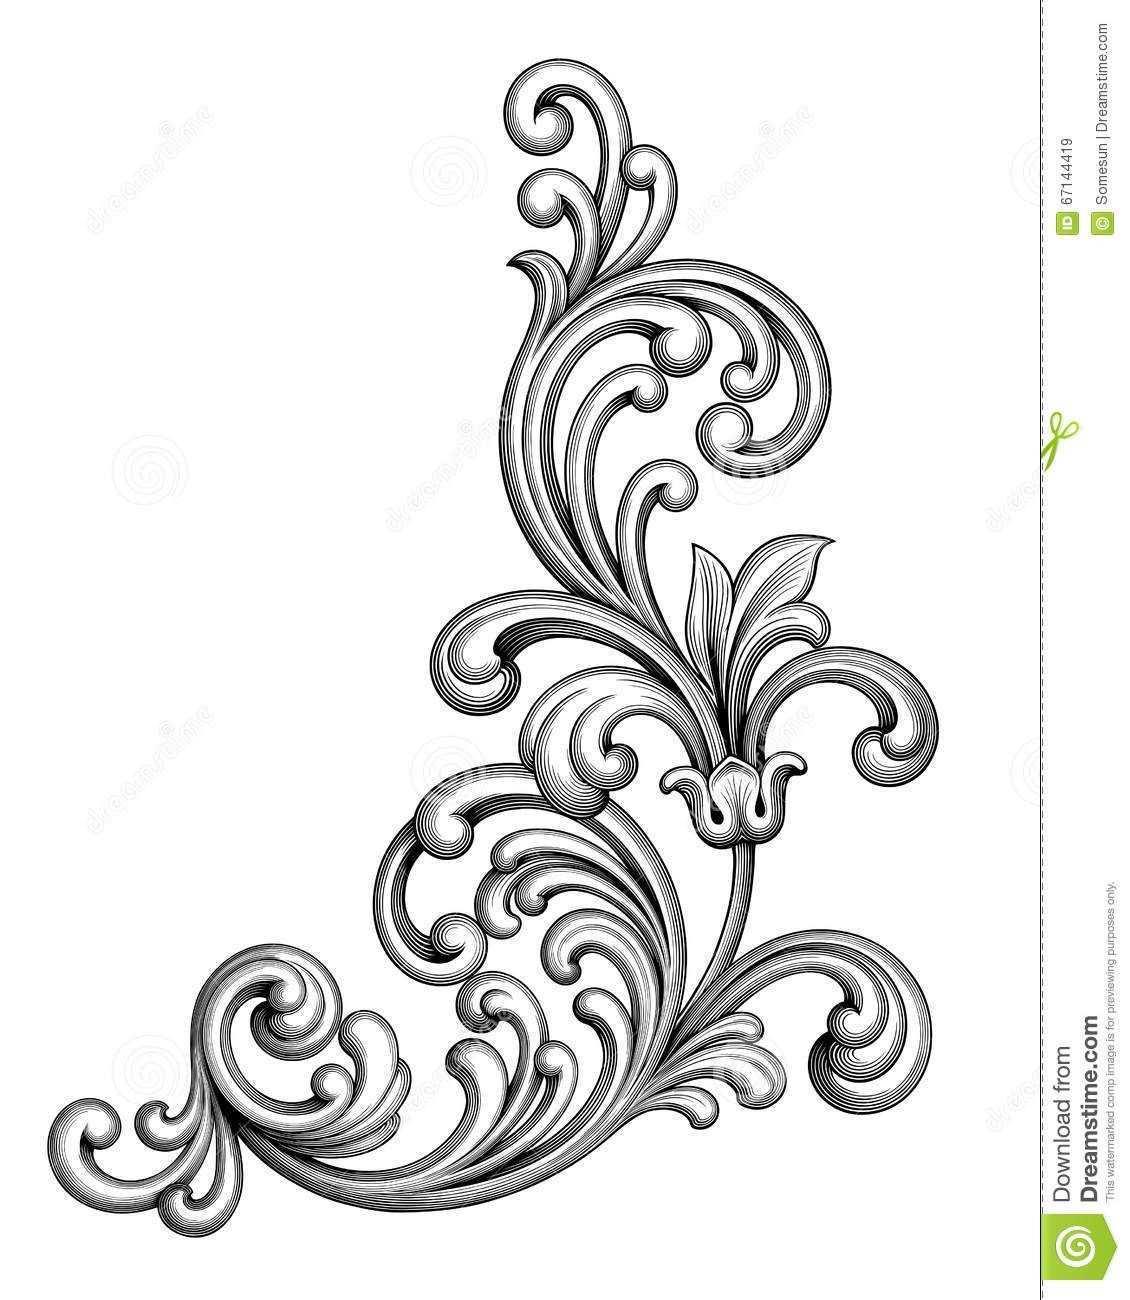 Vintage Baroque Victorian Frame Border Monogram Floral Ornament Scroll Engraved Ornamente Vorlagen Muster Tattoos Muster Blume